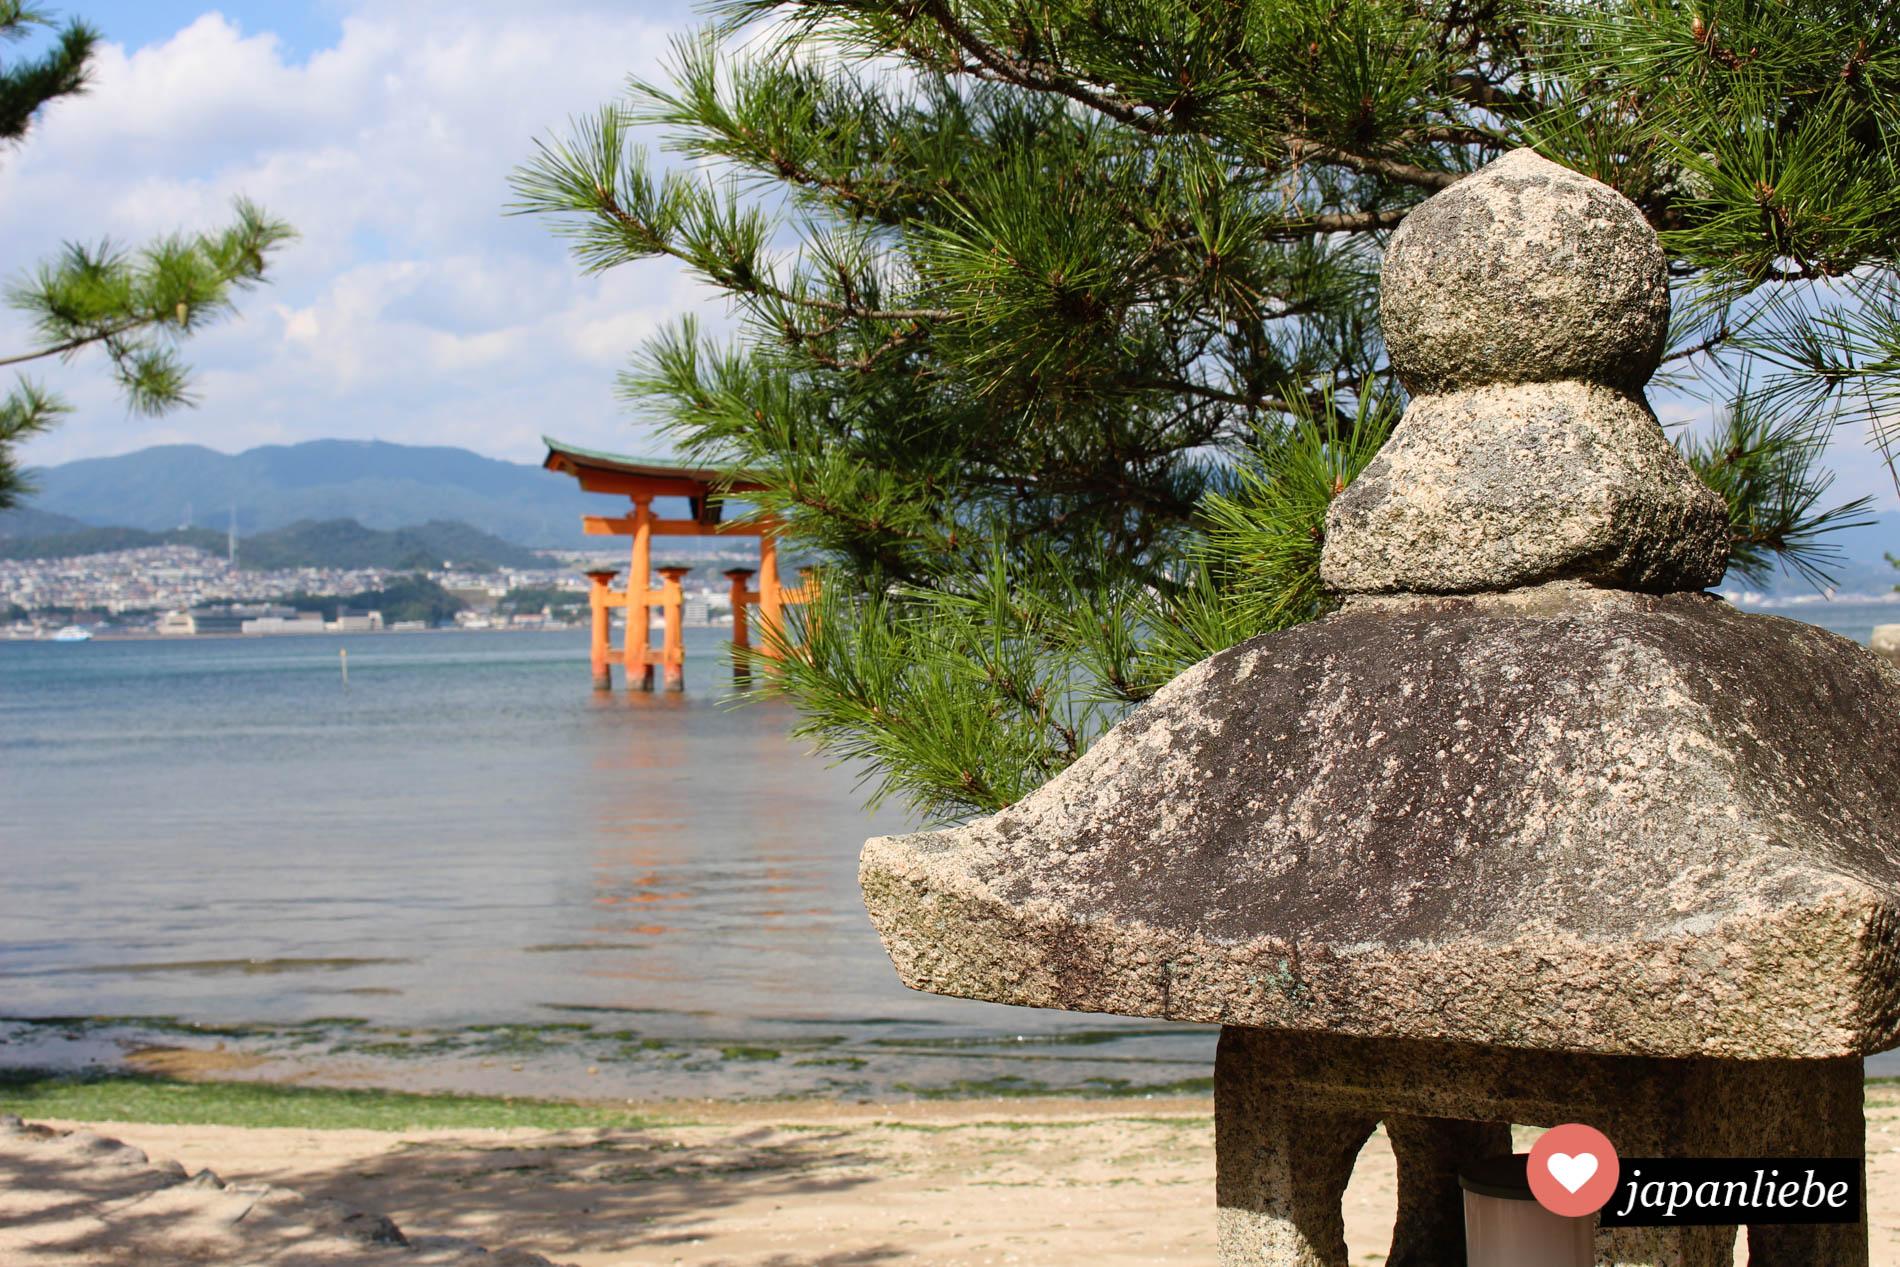 japans berühmtestes torii auf Miyajima vom Strand aus fotografiert, inklusive Steinlaterne im Bild.